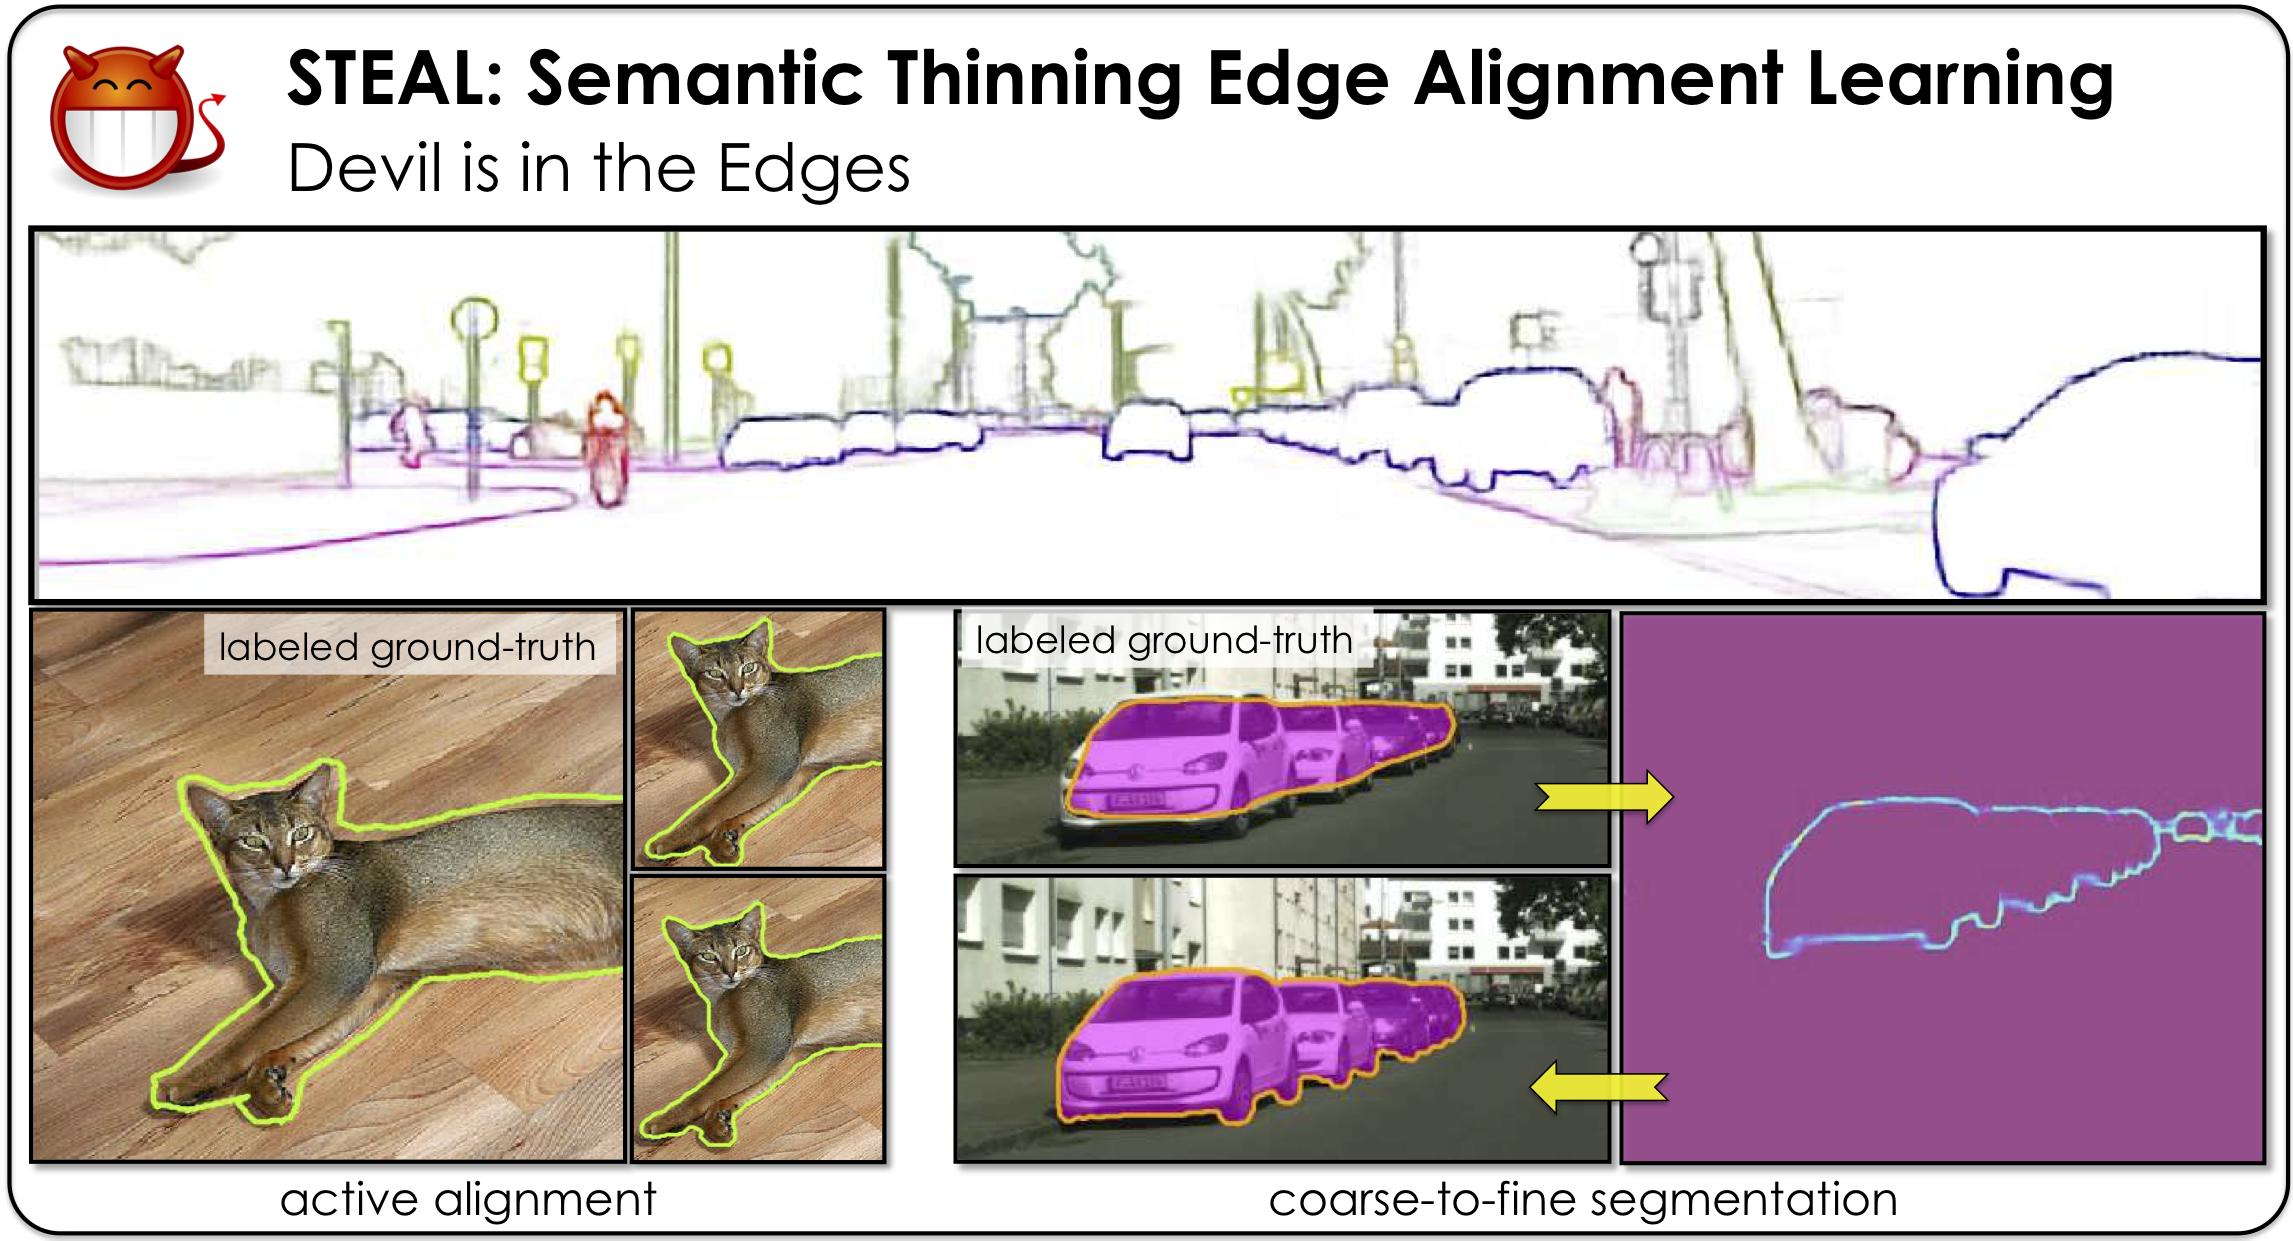 Исследователи из NVIDIA, Университета Торонто и Института Vector разработали модель, которая может помочь существующим системам машинного зрения с определением границ реальных объектов и их классификации